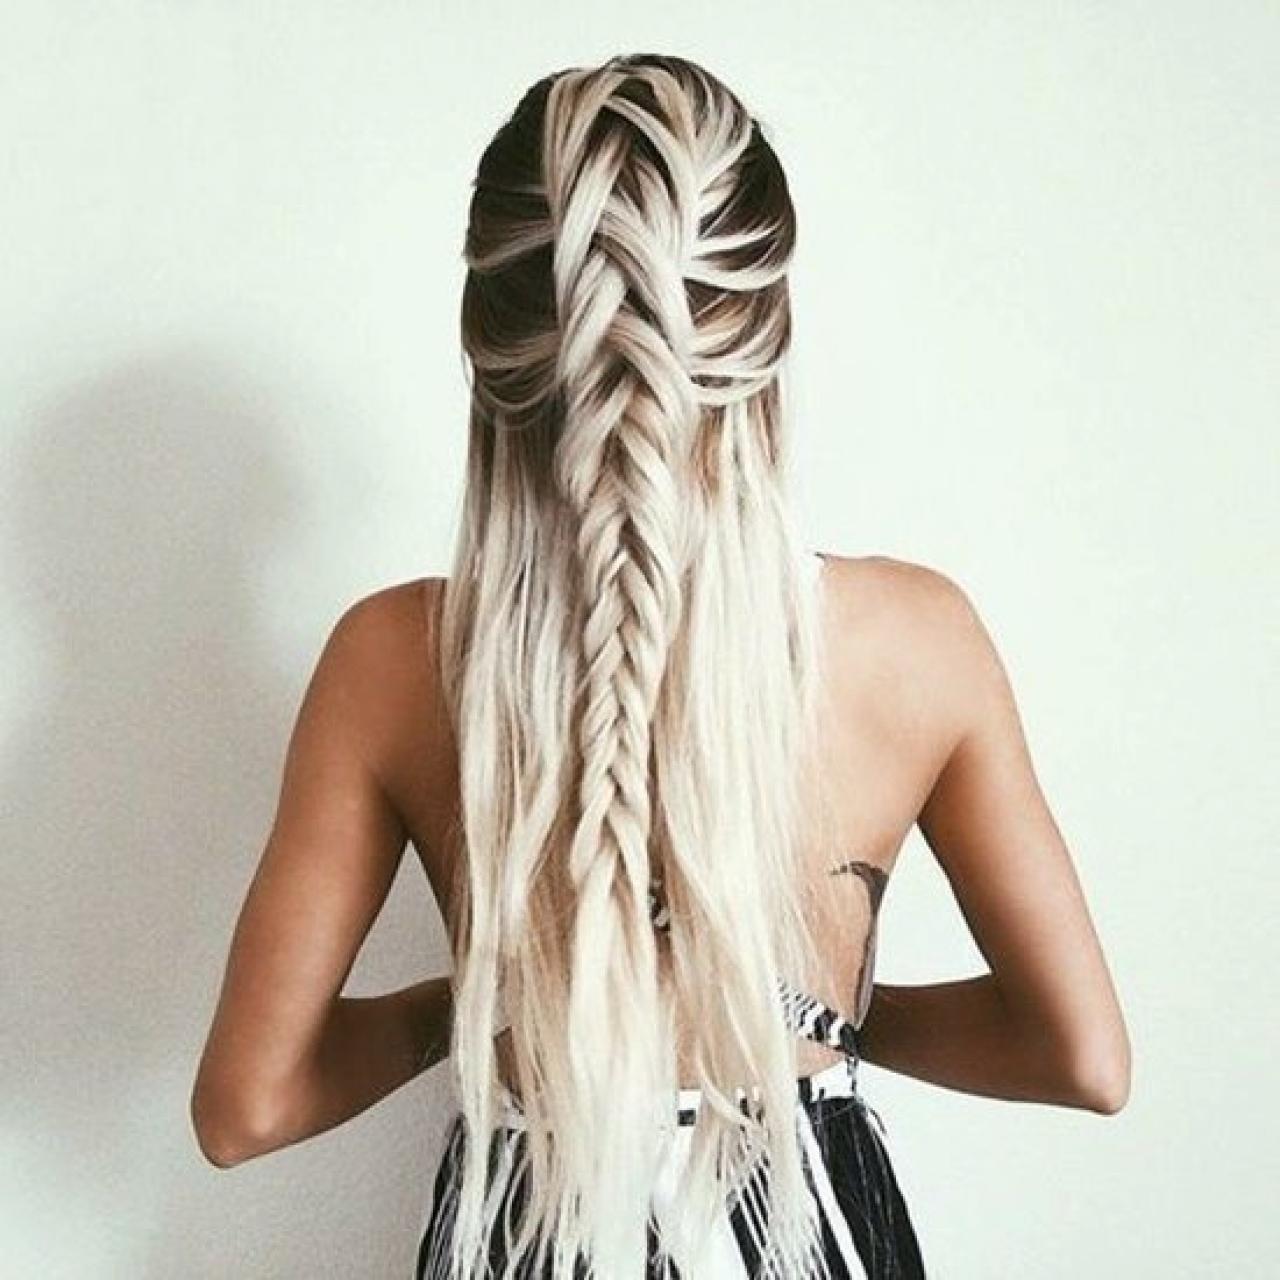 Tóc dài bện rết rất đặc sắc